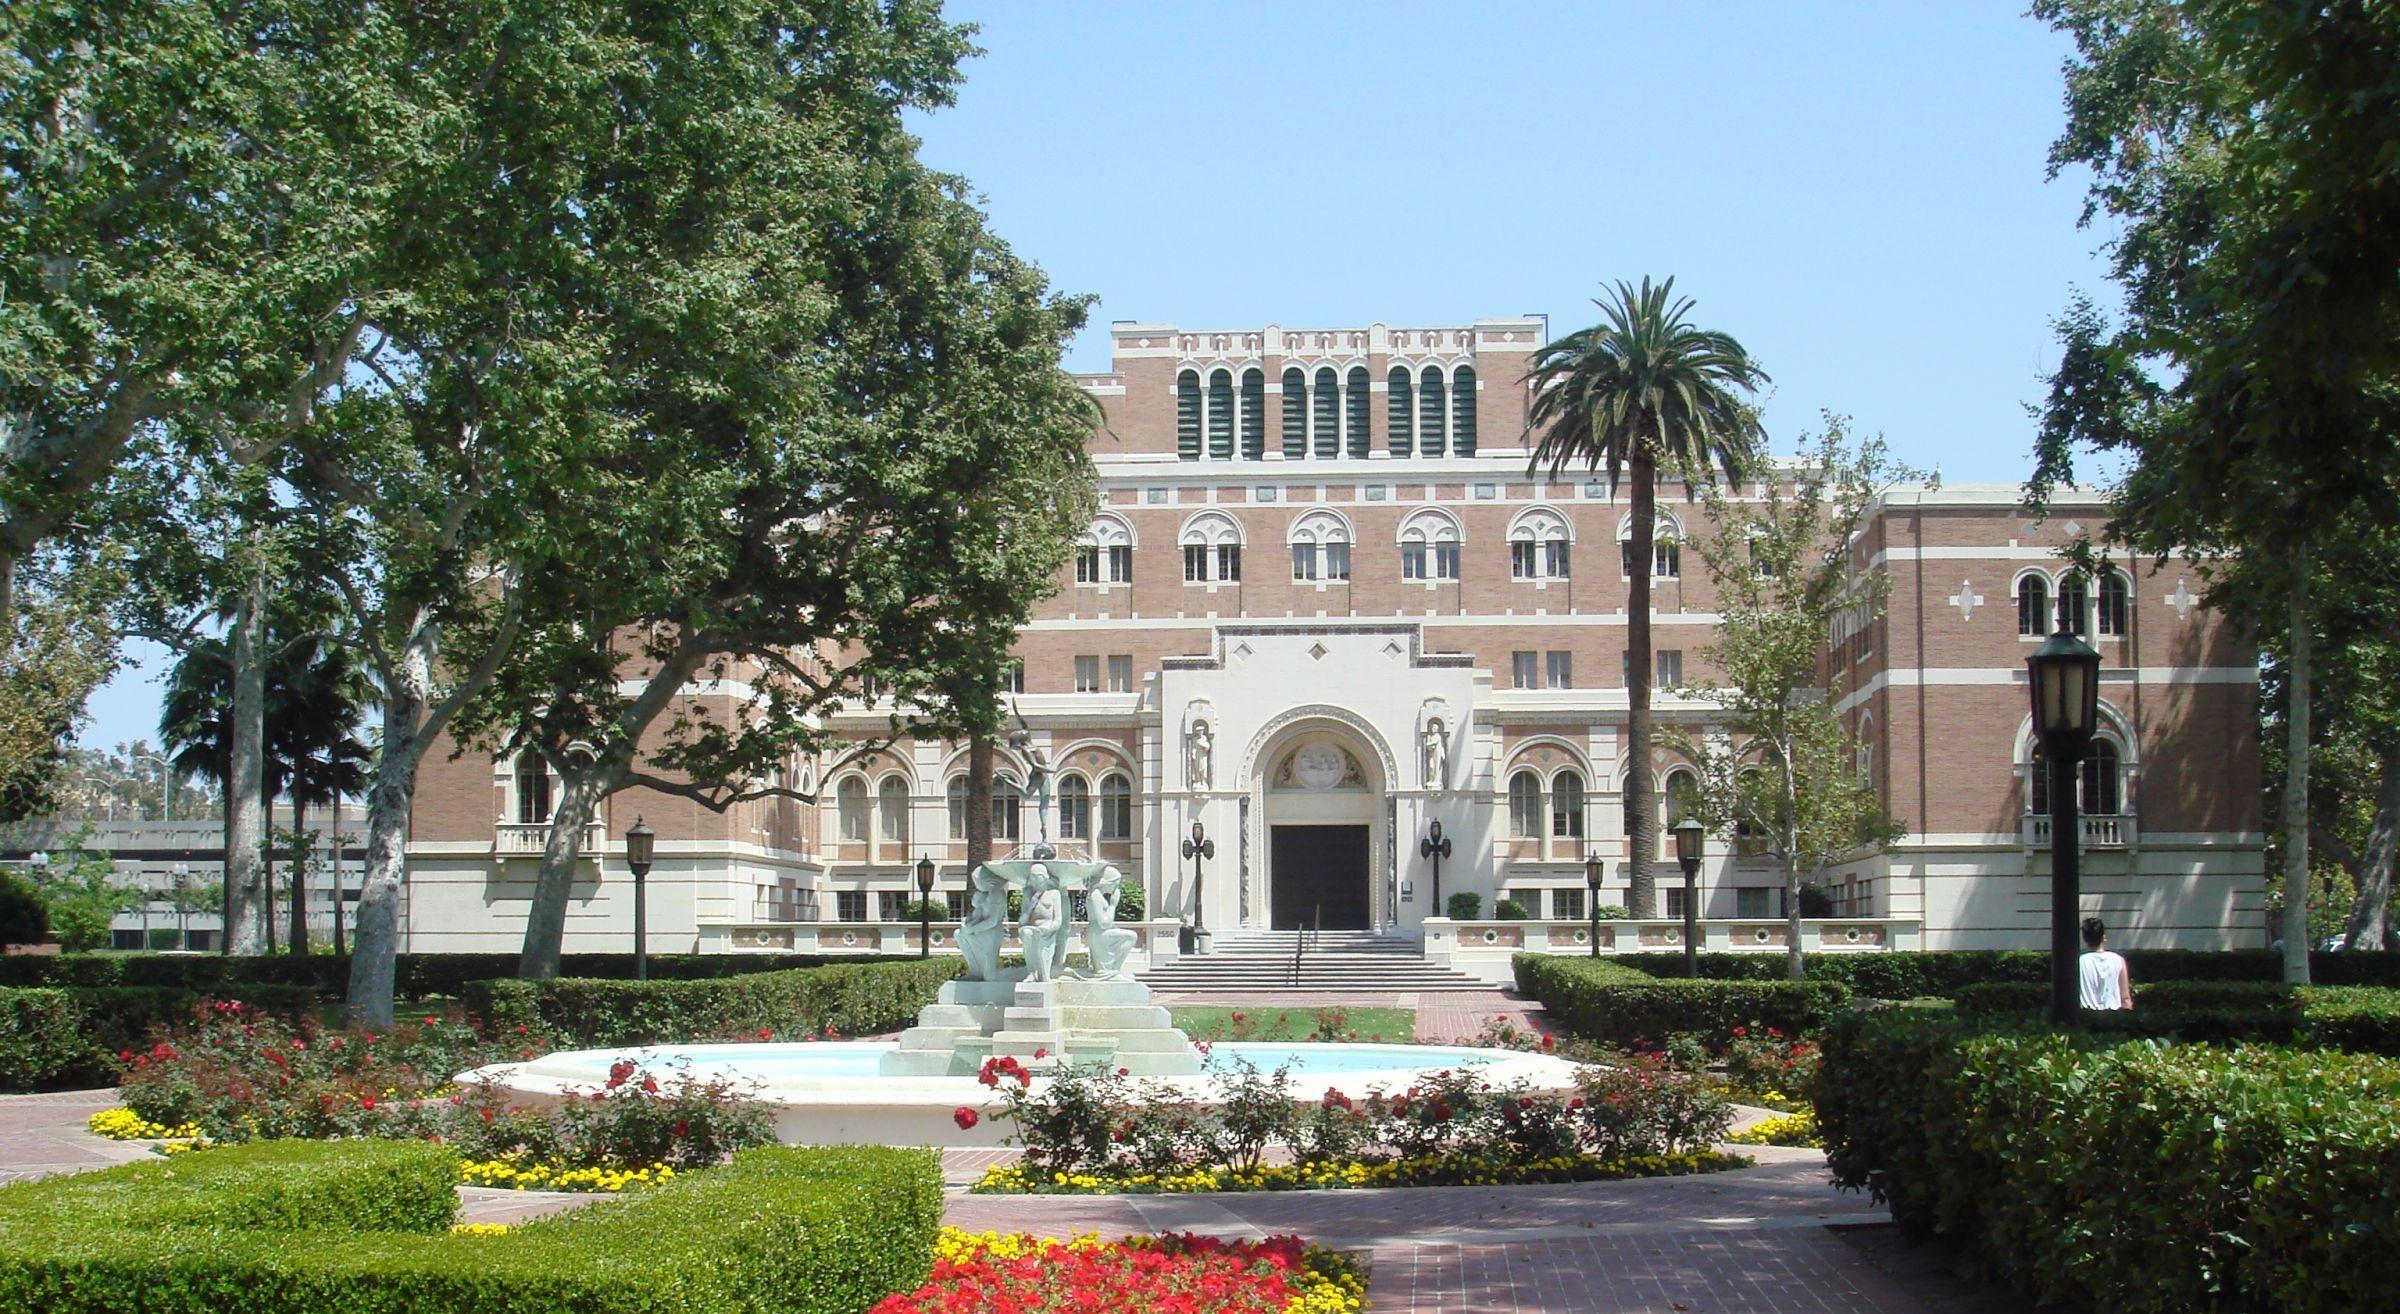 Αποτέλεσμα εικόνας για University of Southern California